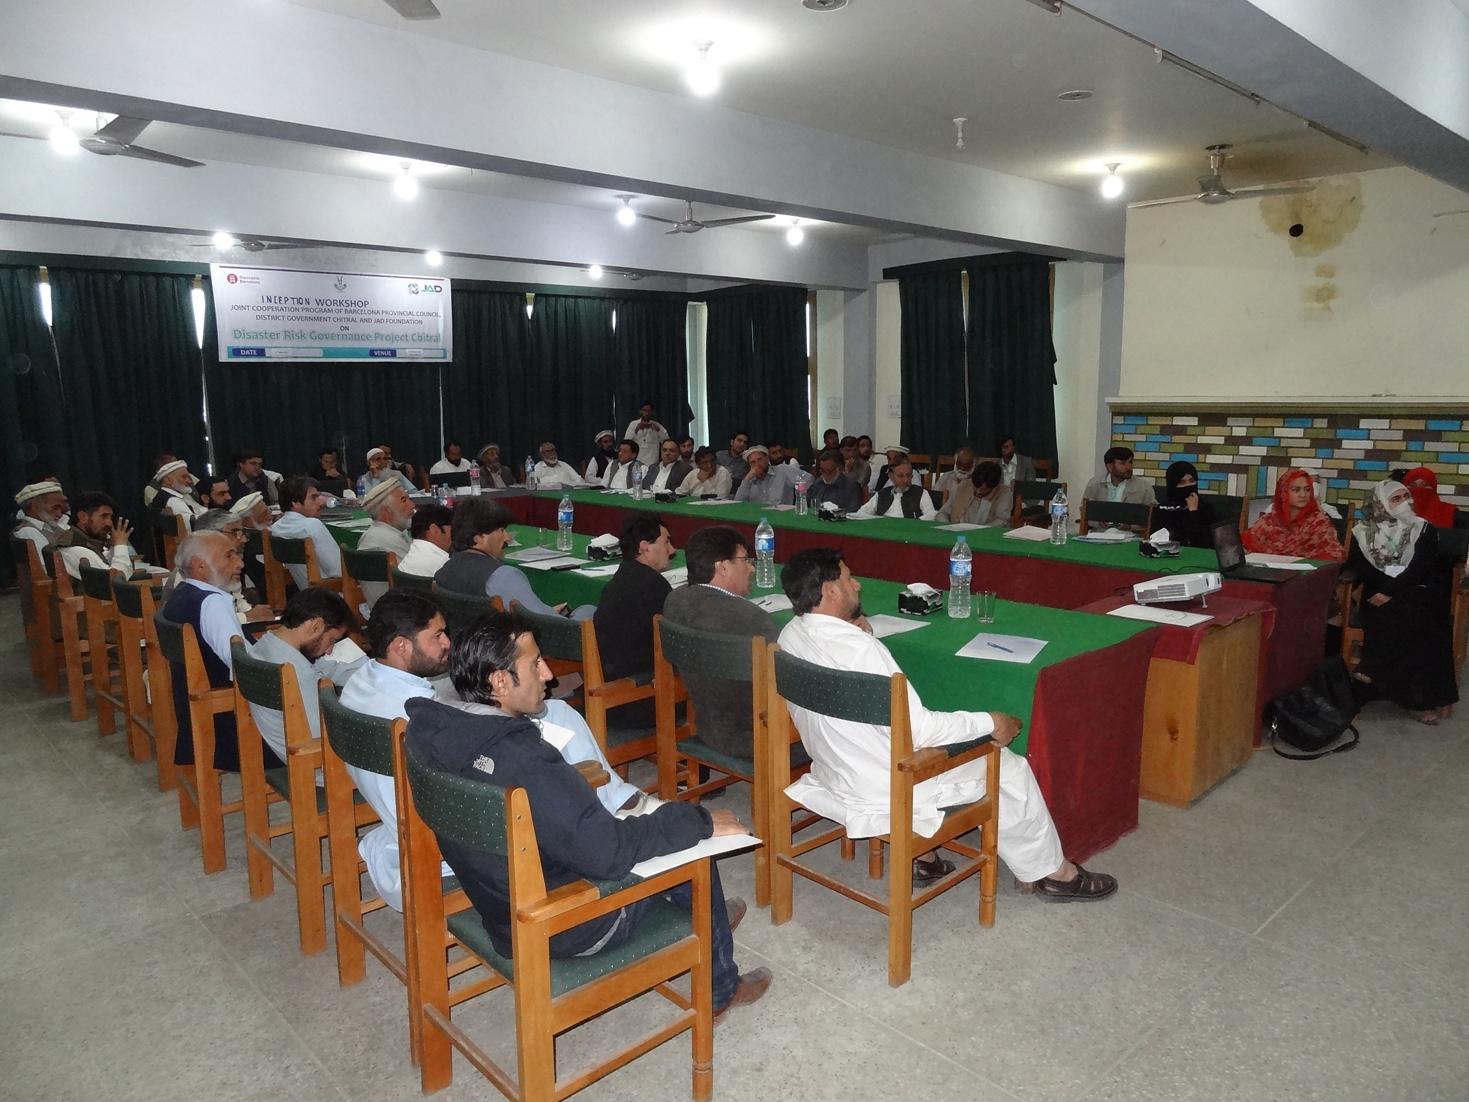 چترال میں قدرتی آفات سے متعلق نئے منصوبے کا تعارفی پروگرام منعقد